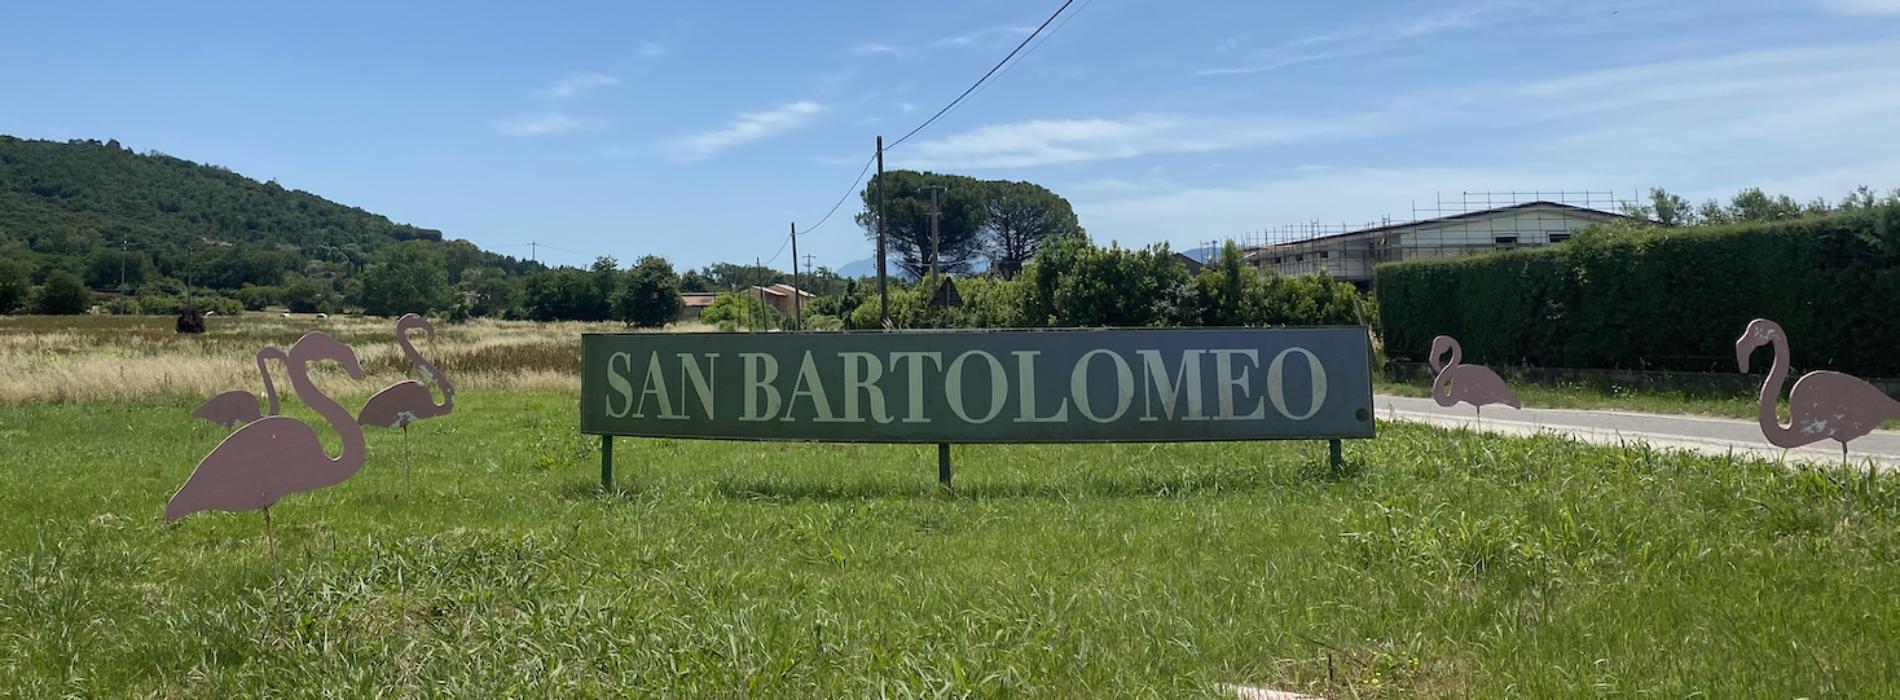 Le Colonne a San Bartolomeo, casa in campagna. La chef Rosanna Marziale